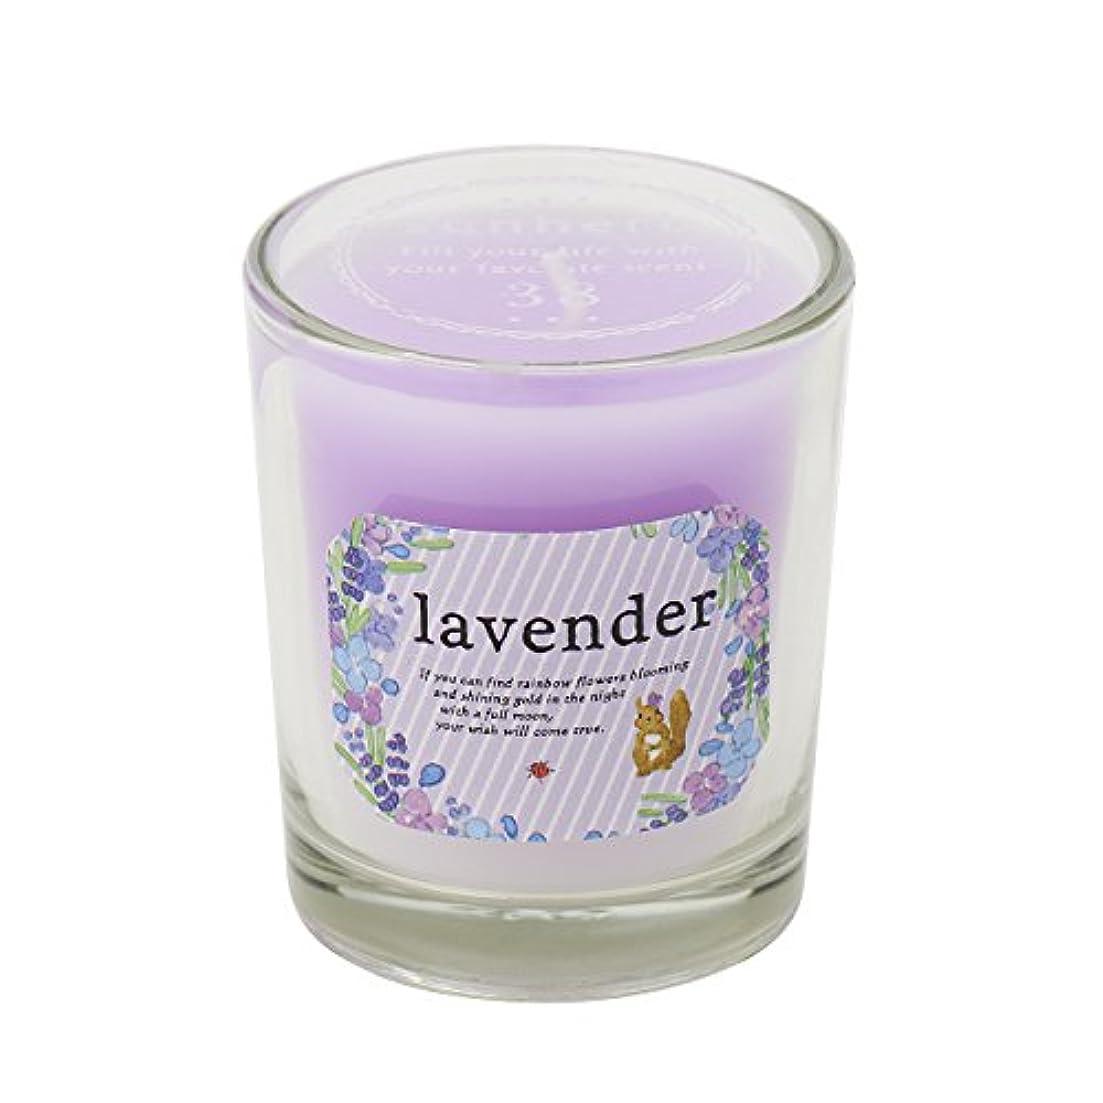 フレット入植者女性サンハーブ グラスキャンドル ラベンダー 35g(グラデーションろうそく 燃焼時間約10時間 ふわっと爽やかなラベンダーの香り)